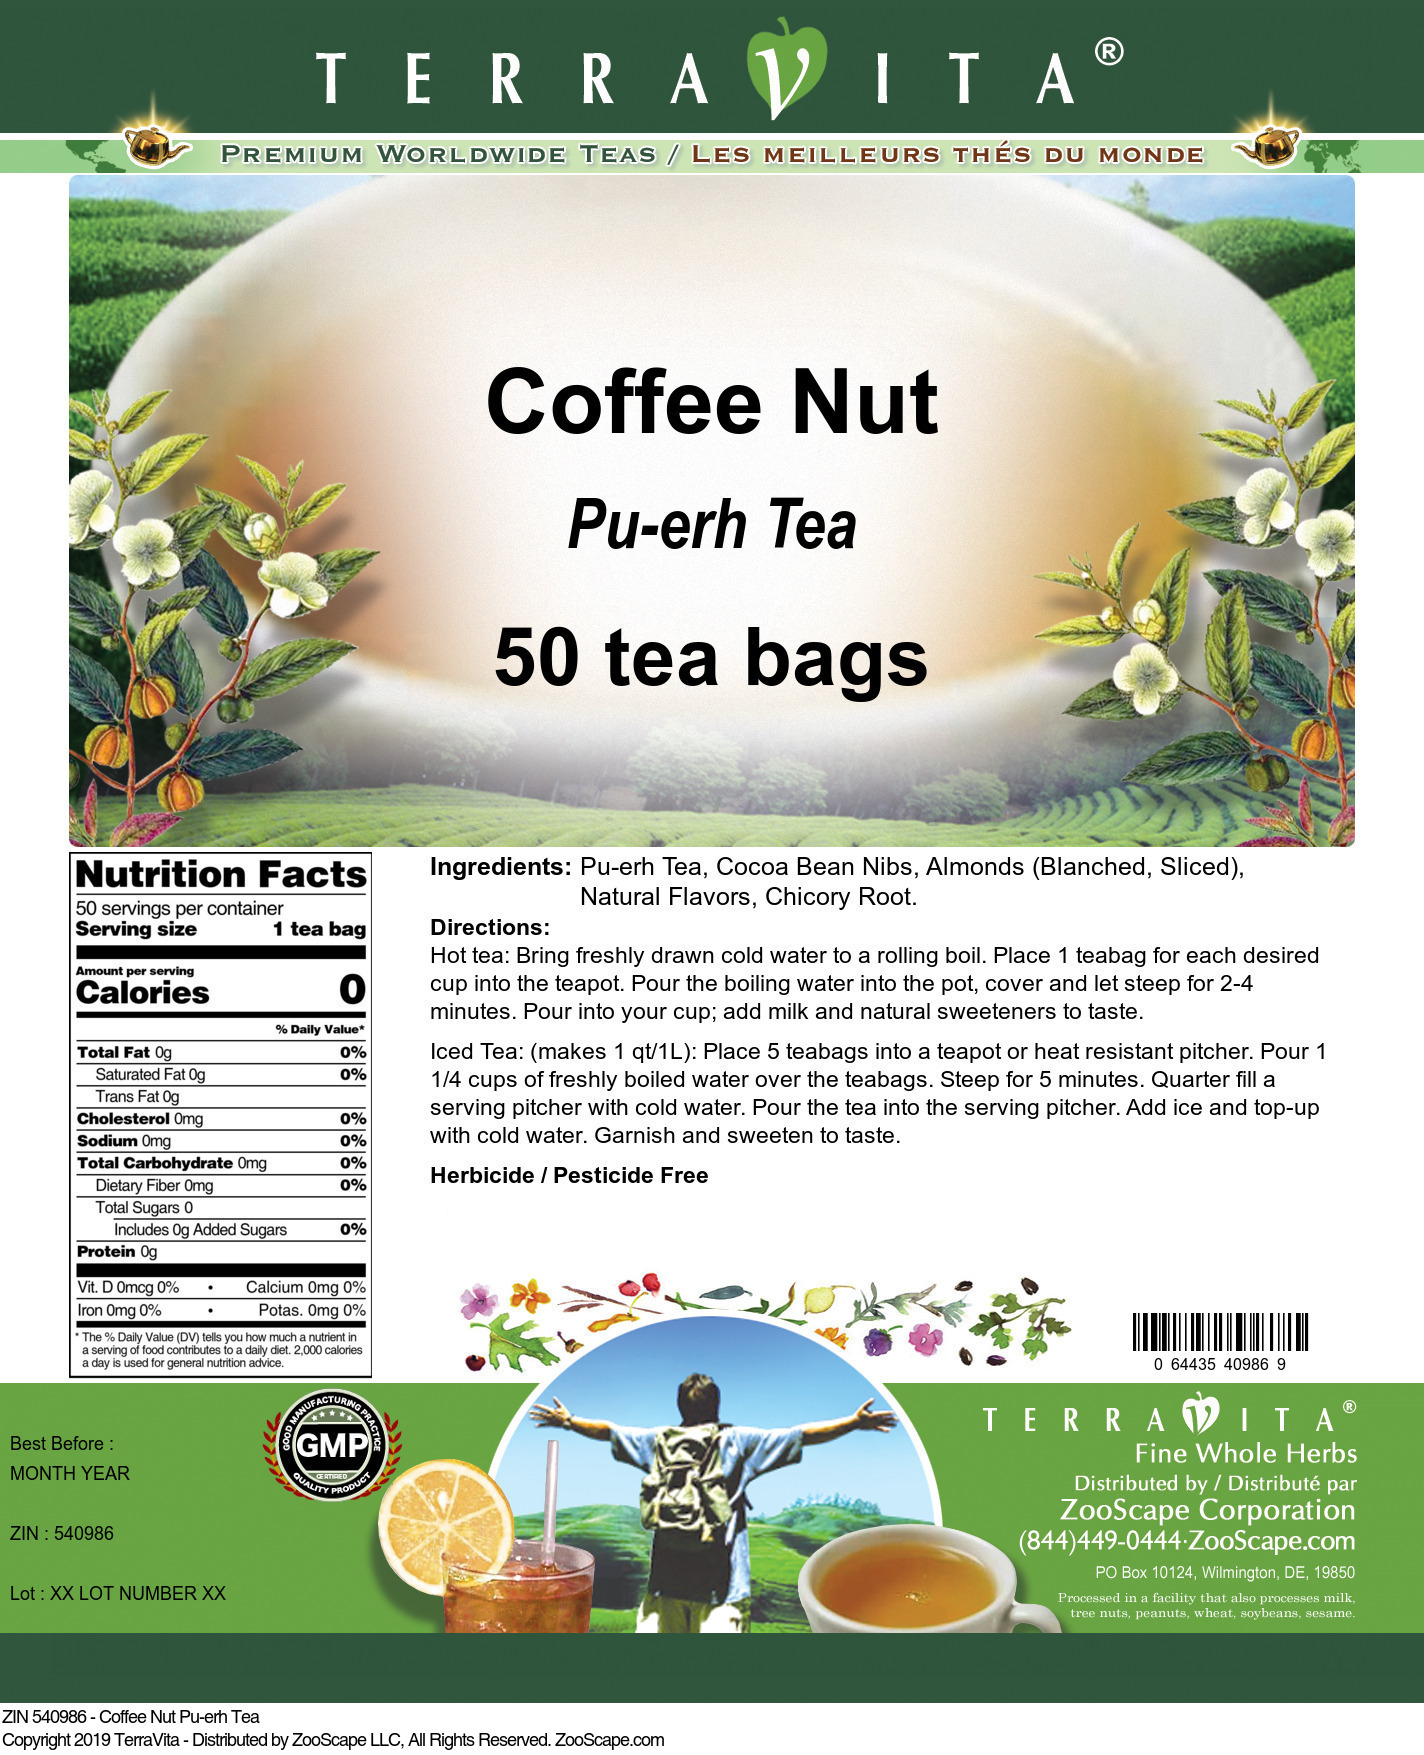 Coffee Nut Pu-erh Tea